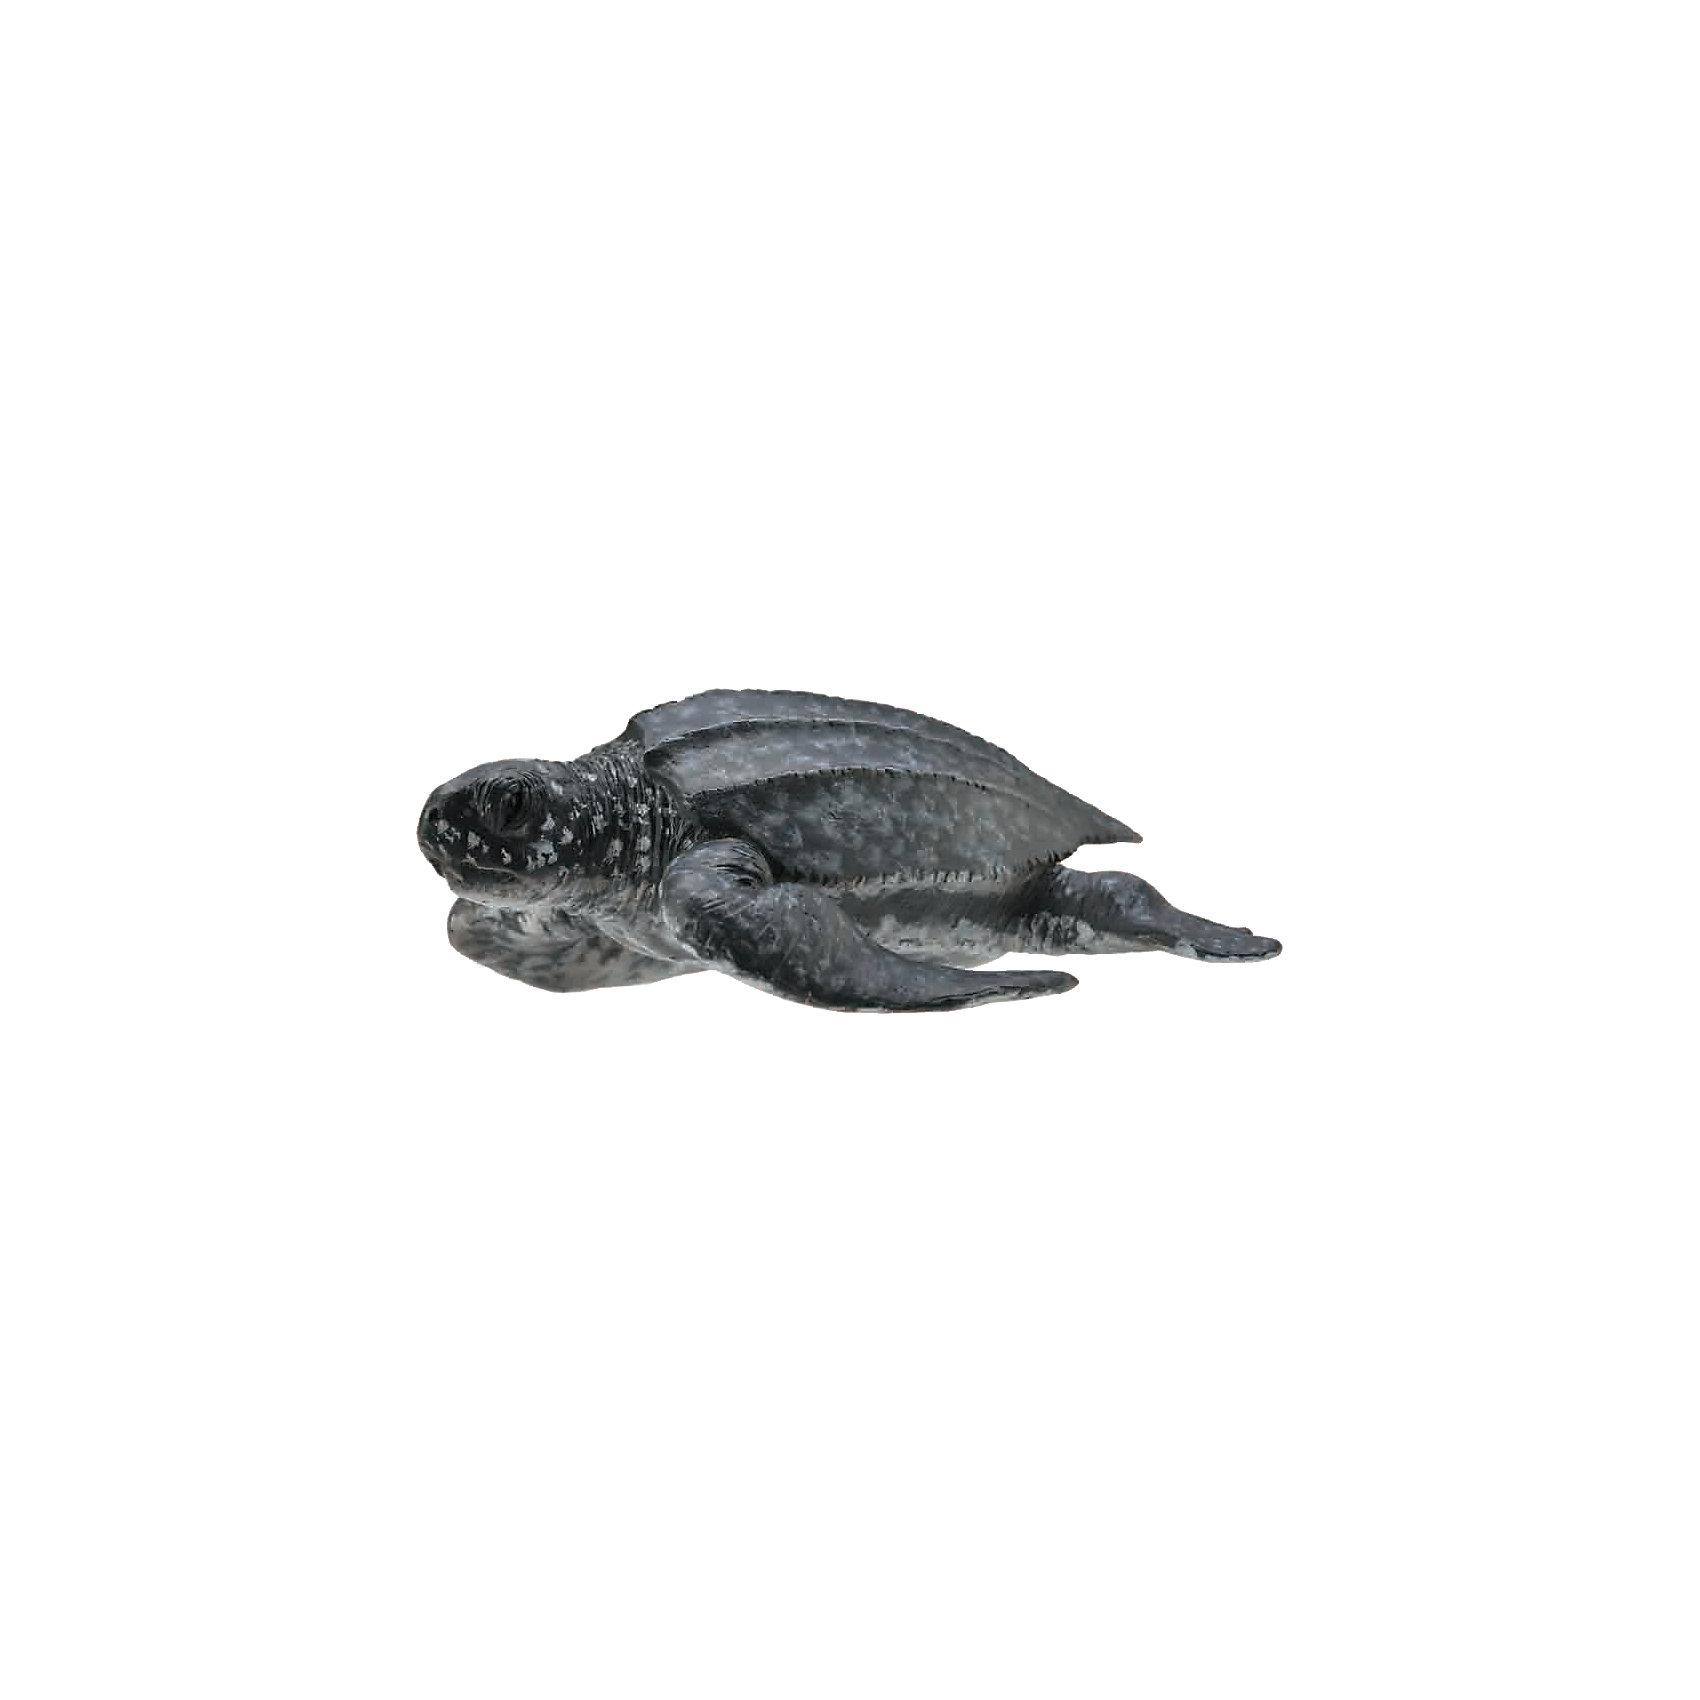 Кожистая черепаха (M), CollectaМир животных<br><br><br>Ширина мм: 200<br>Глубина мм: 10<br>Высота мм: 10<br>Вес г: 20<br>Возраст от месяцев: 36<br>Возраст до месяцев: 192<br>Пол: Унисекс<br>Возраст: Детский<br>SKU: 5534519